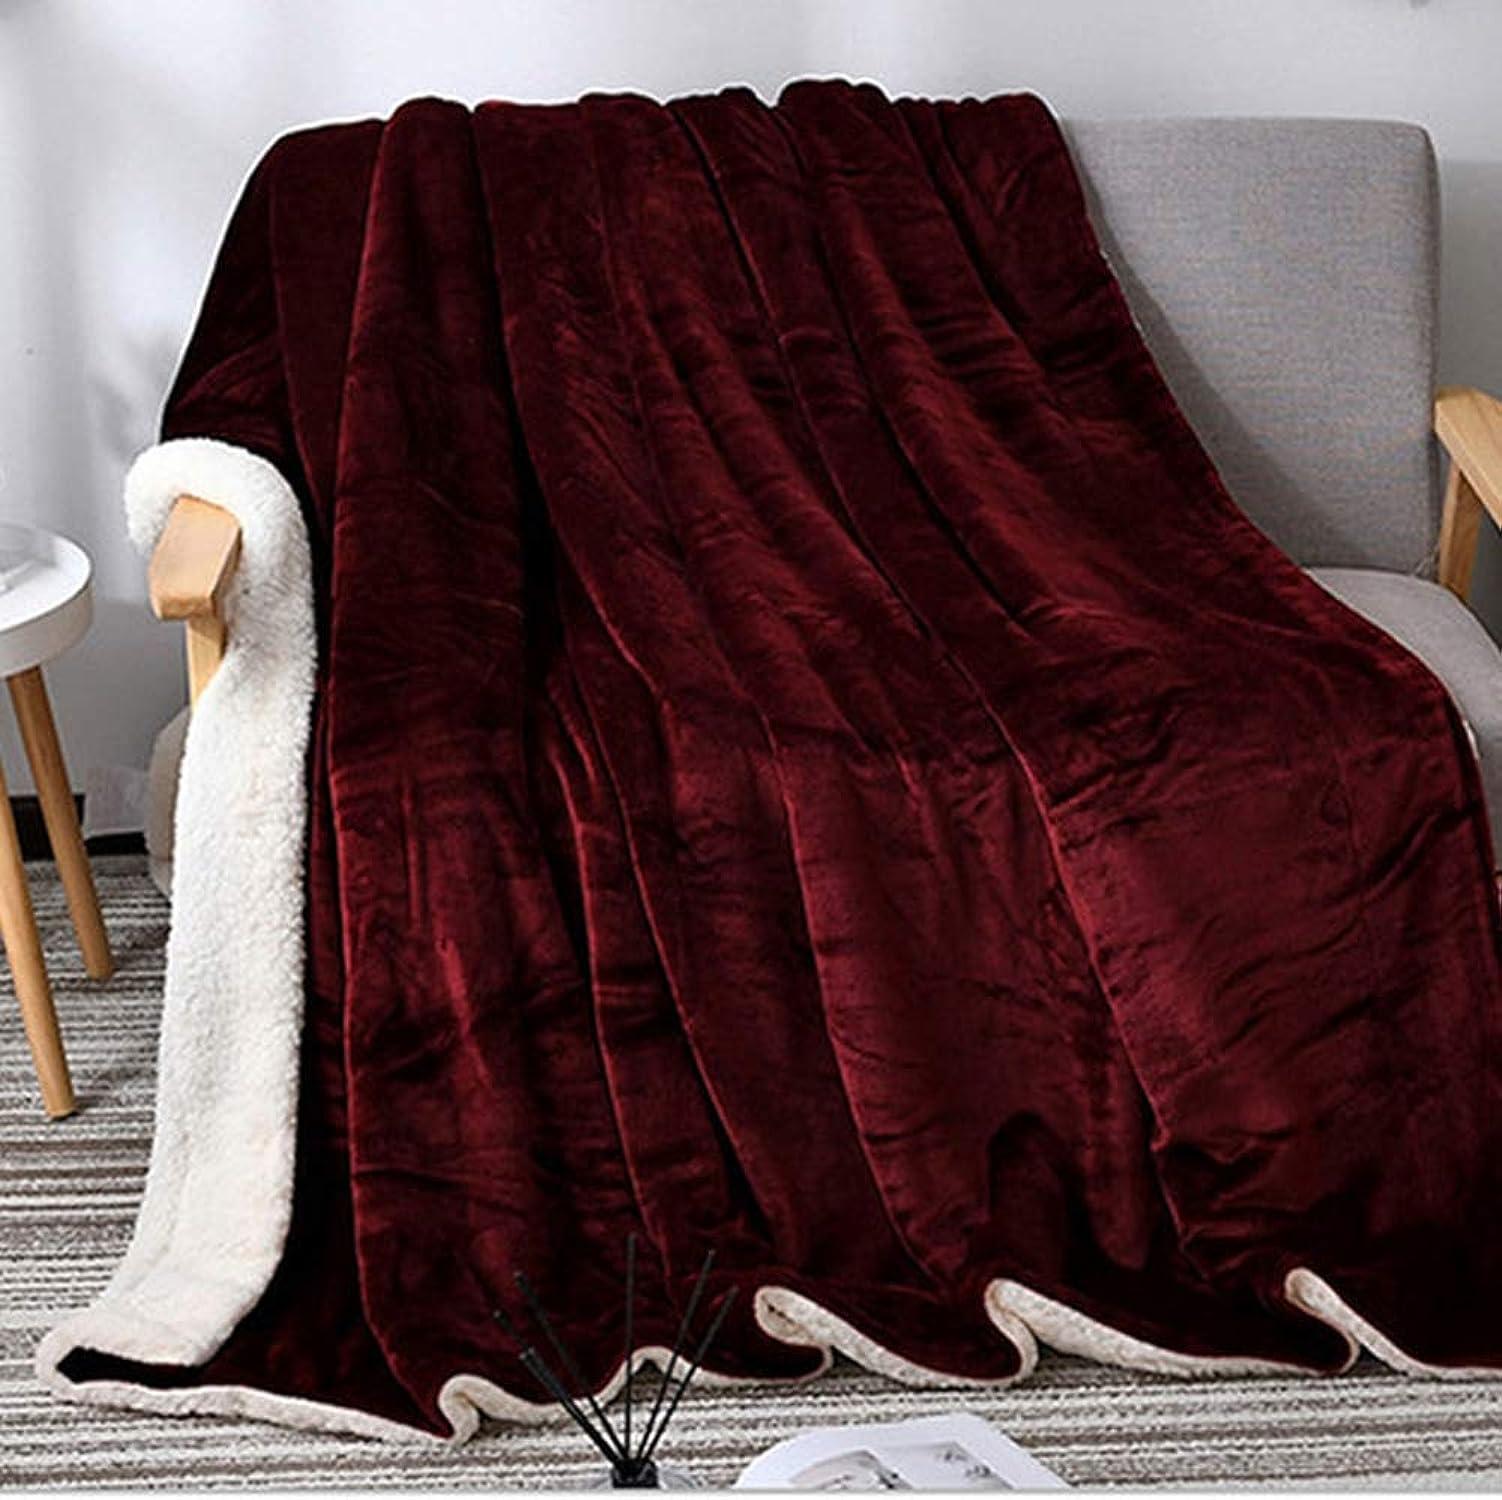 El nuevo outlet de marcas online. Sherpa Fleece Manta Manta Manta de Doble Tamaño Felpa Tirar Manta difusa Suave Manta Microfibra Invierno Adecuado para Dormitorio sofá Sala de Estar (Vino Tinto),180x200cm  n ° 1 en línea